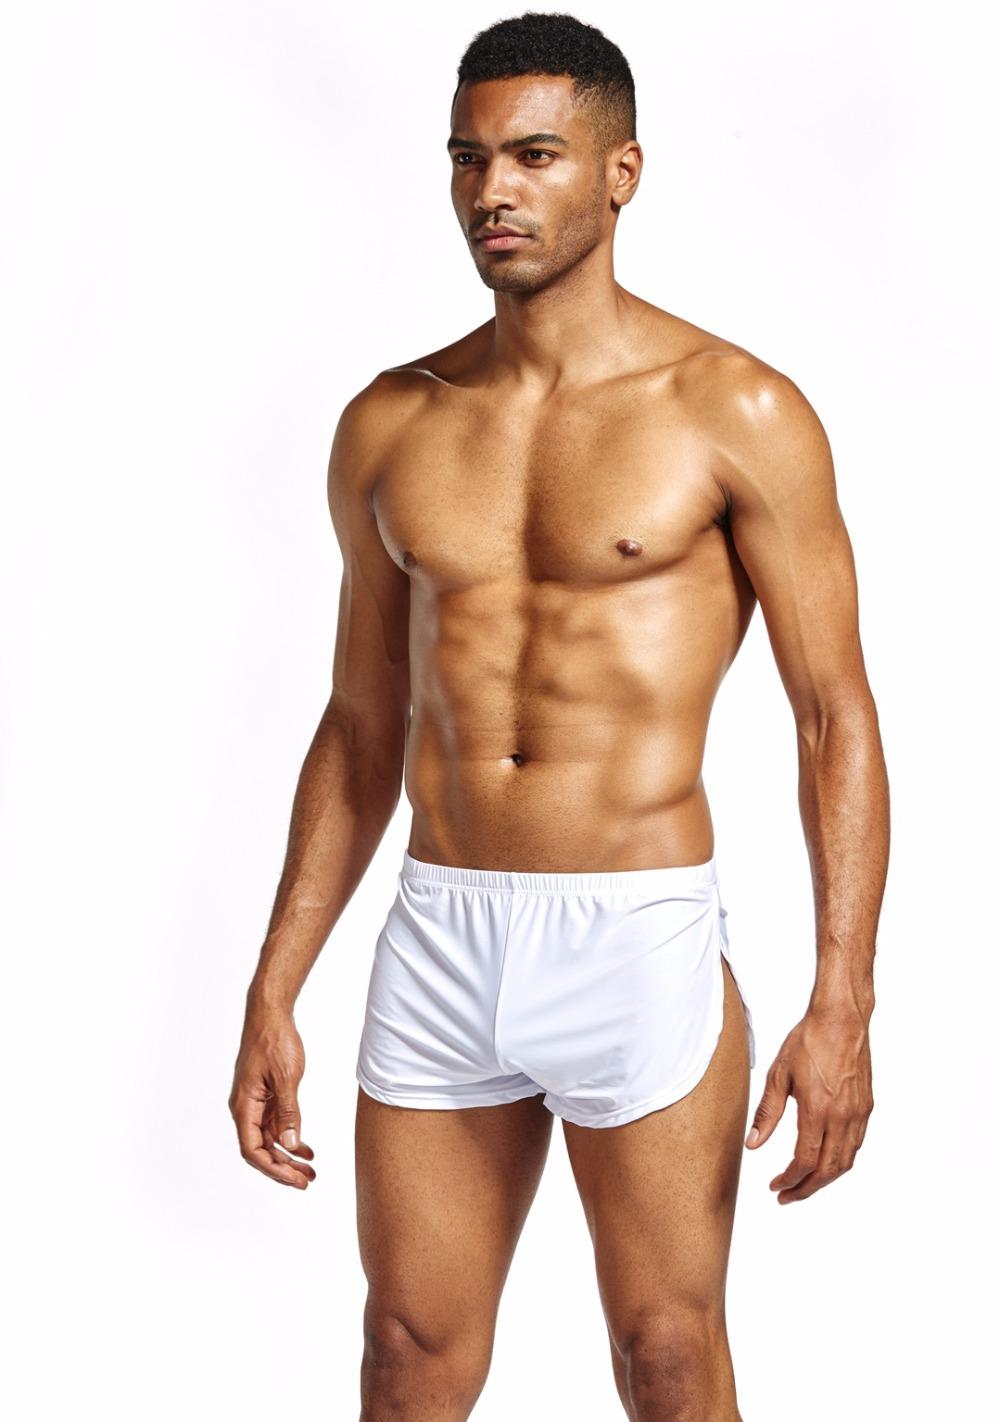 JOCKMAIL Marque 4 pcs Sexy Hommes Sous-Vêtements Boxers Gay Pénis Pouch  Accueil Nuit Nylon Homme Sous-Vêtements Boxer Shorts de Nuit c52a3bebd5c